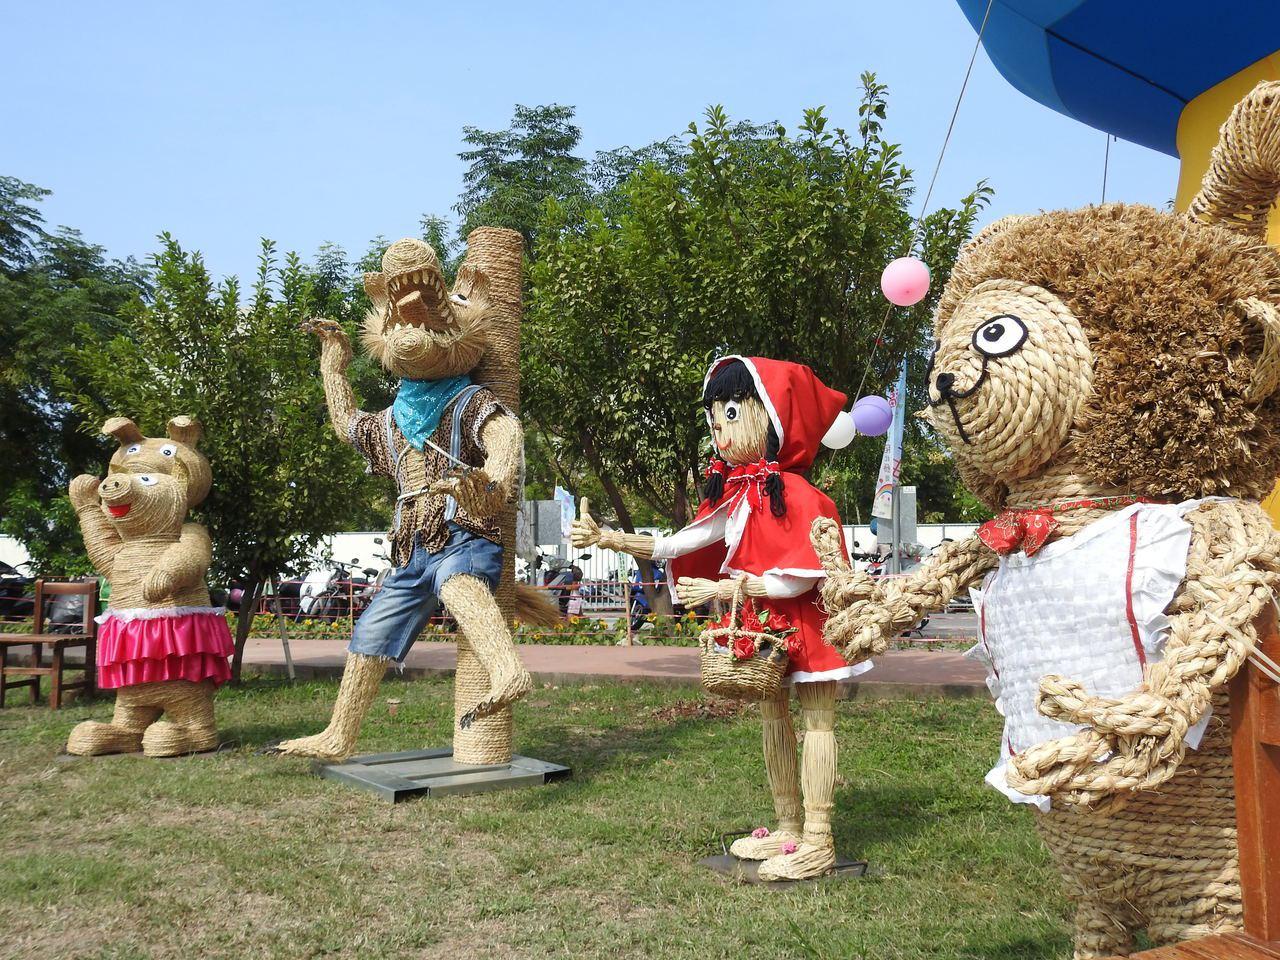 工藝稻草文化節今登場,現場將童話實體化,用稻草將小紅帽等童話幻現成真。記者賴香珊...